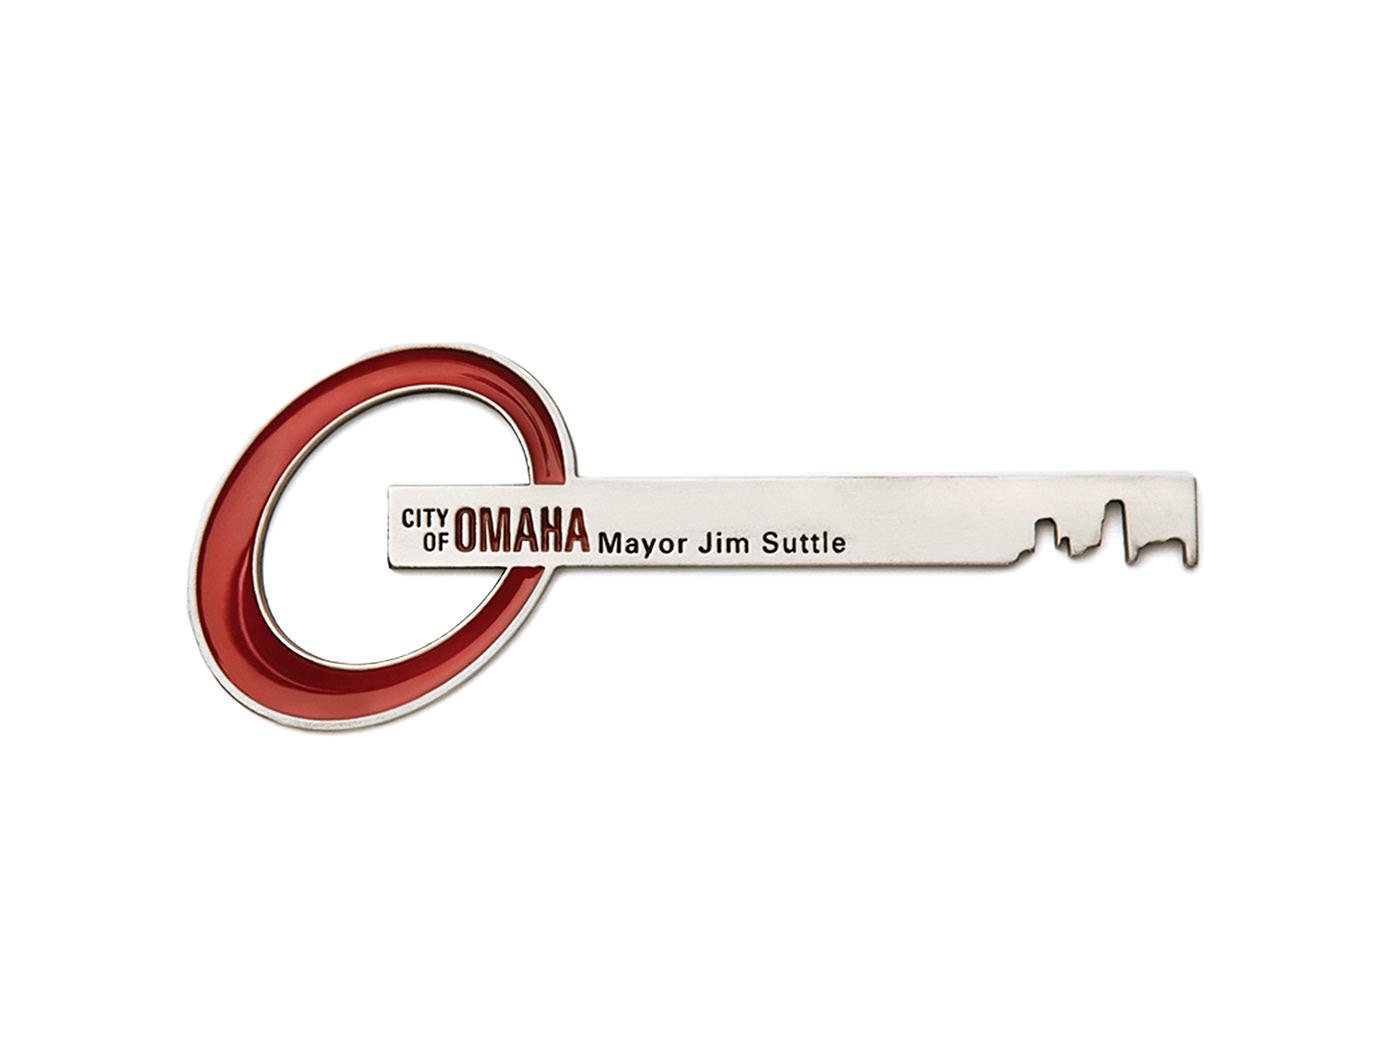 The Key to the City of Omaha, Nebraska